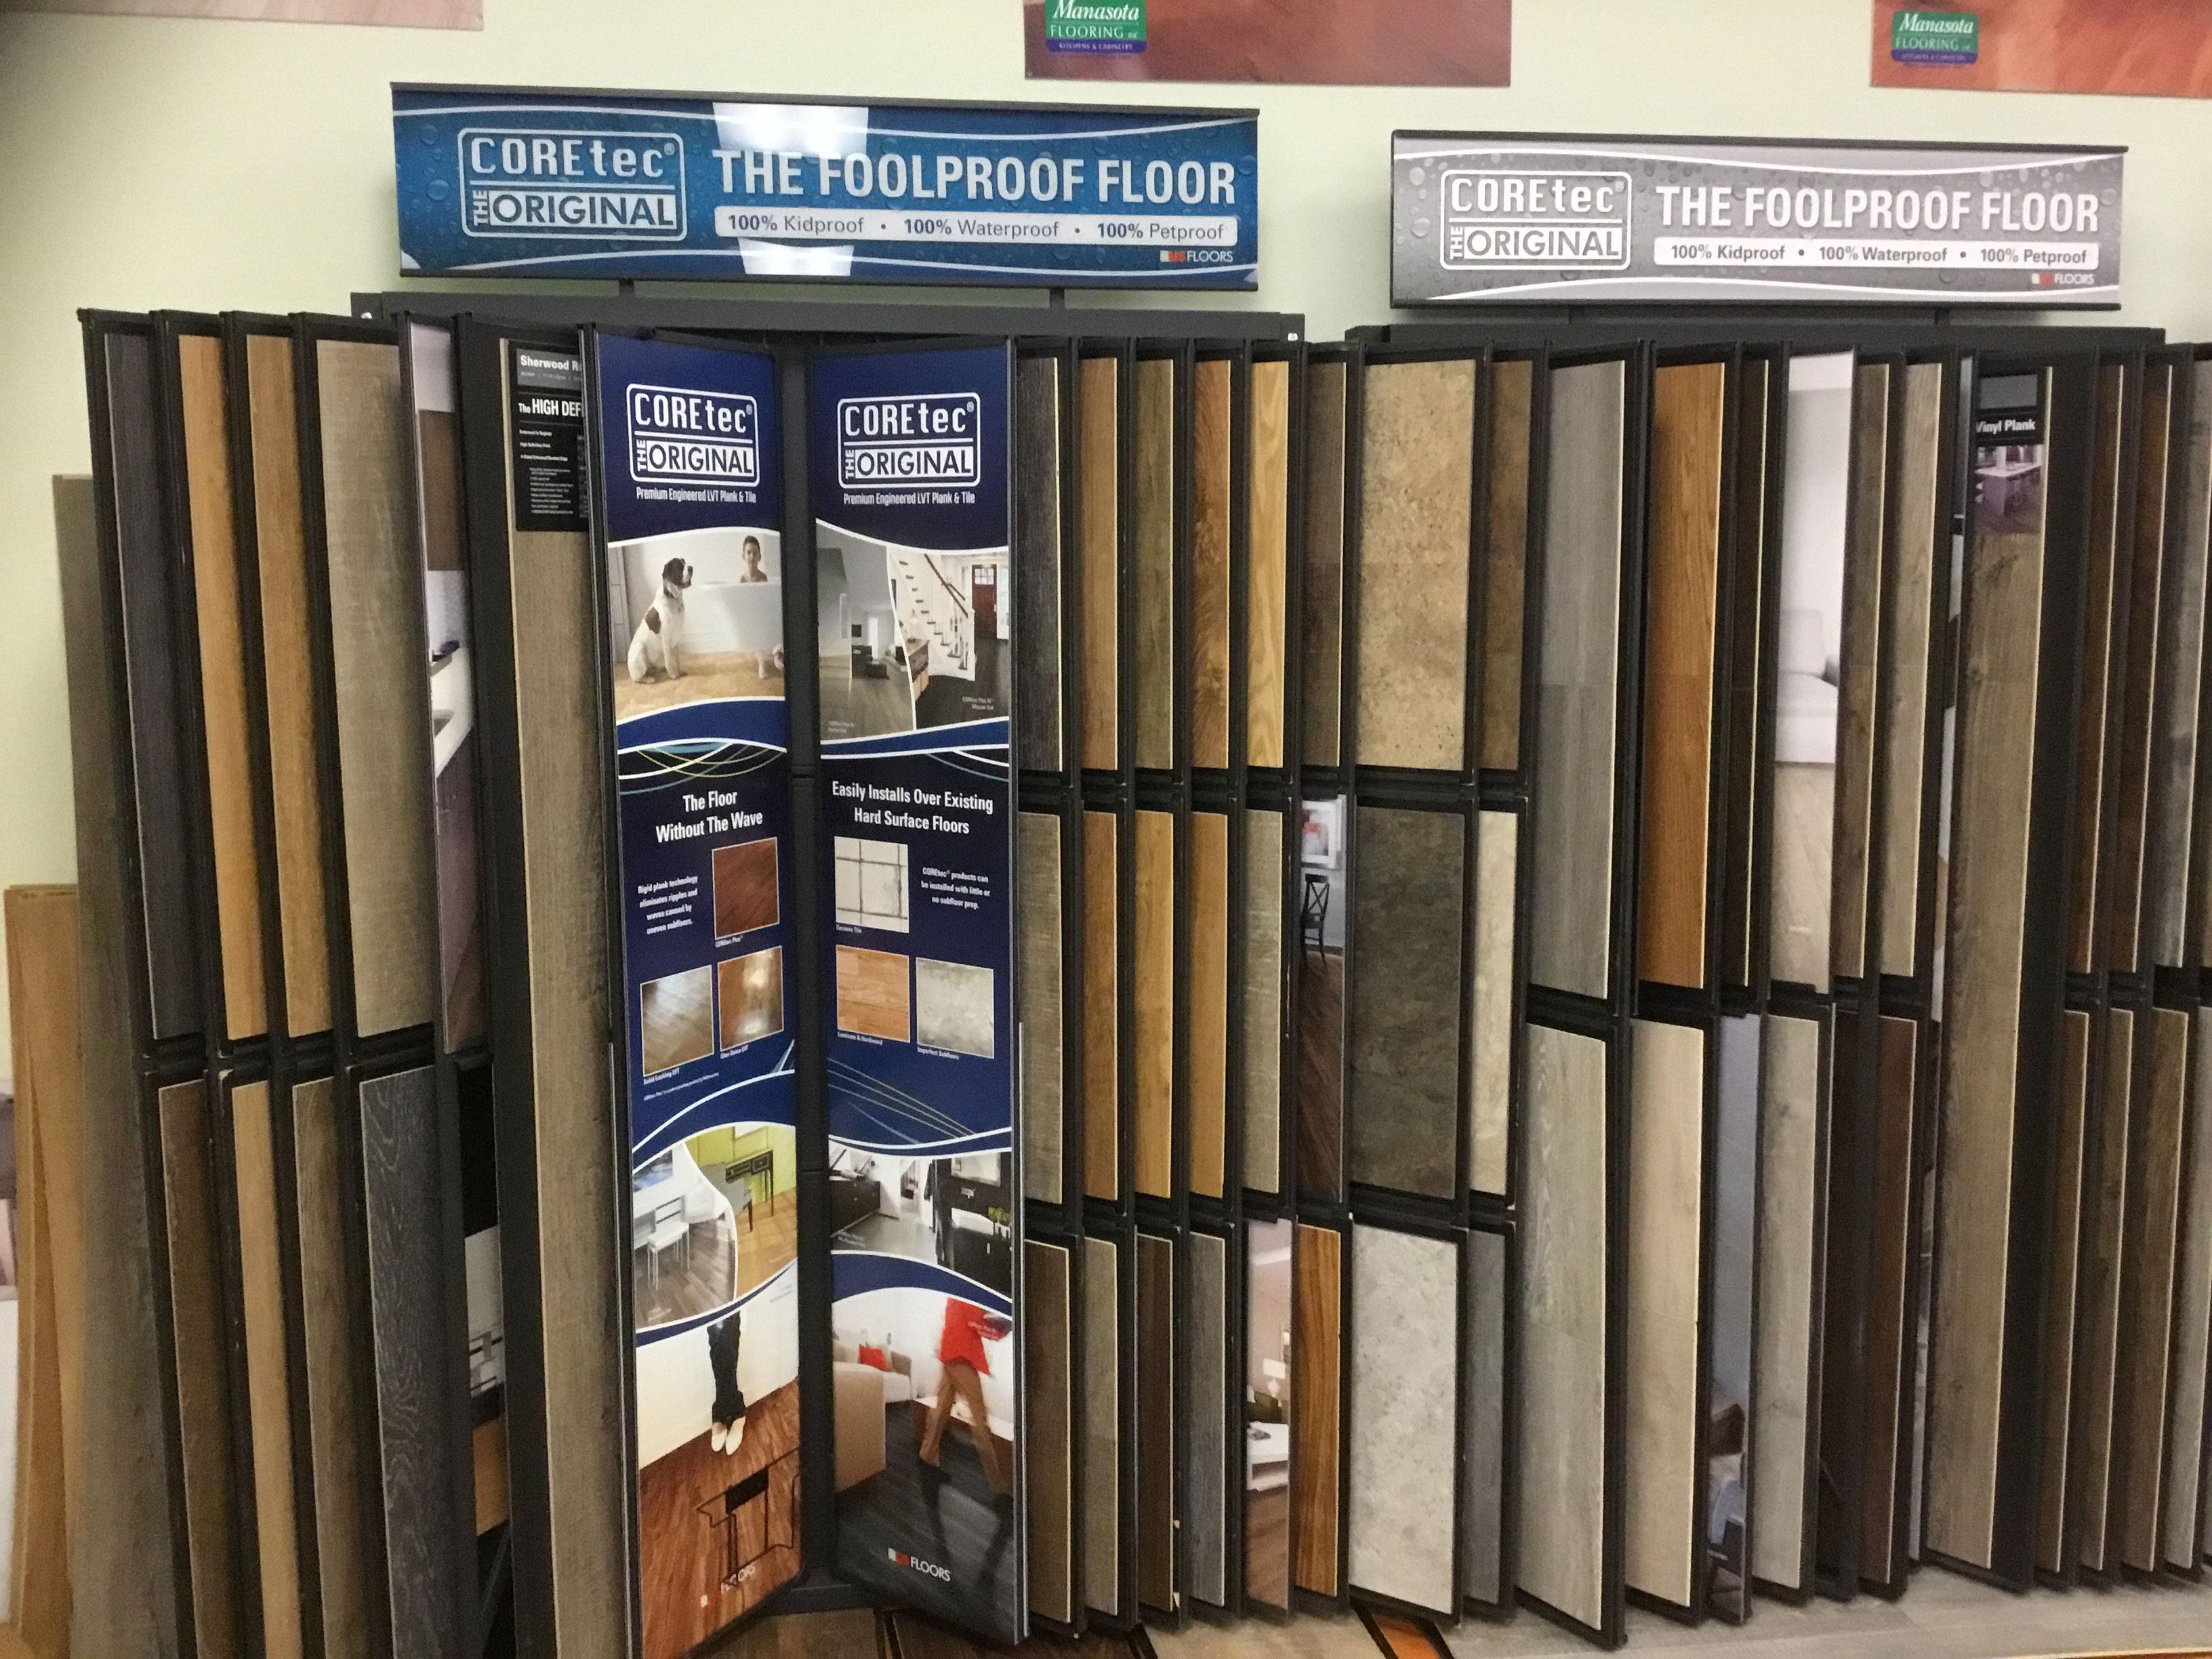 Floor store near North Port FL - Manasota Flooring